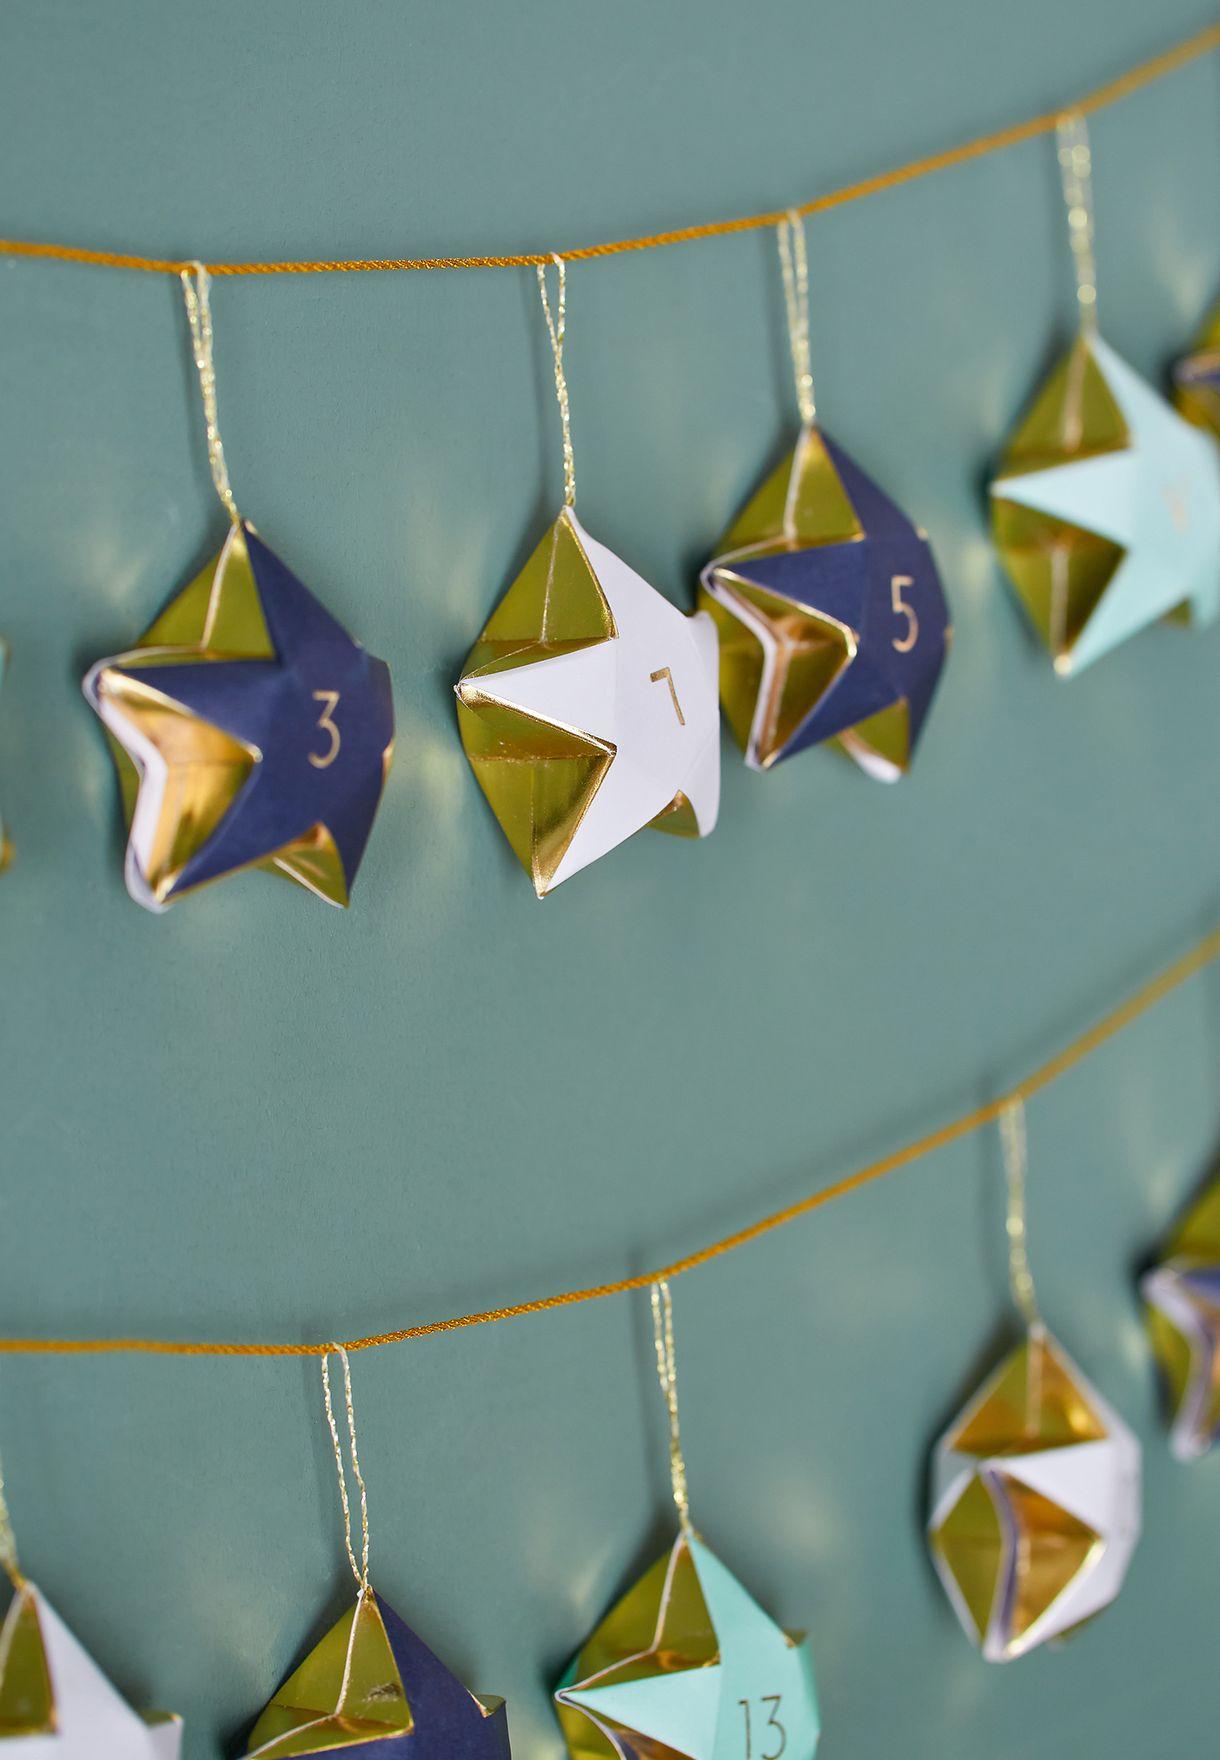 تقويم شهر رمضان (ثلاثين نجمة)